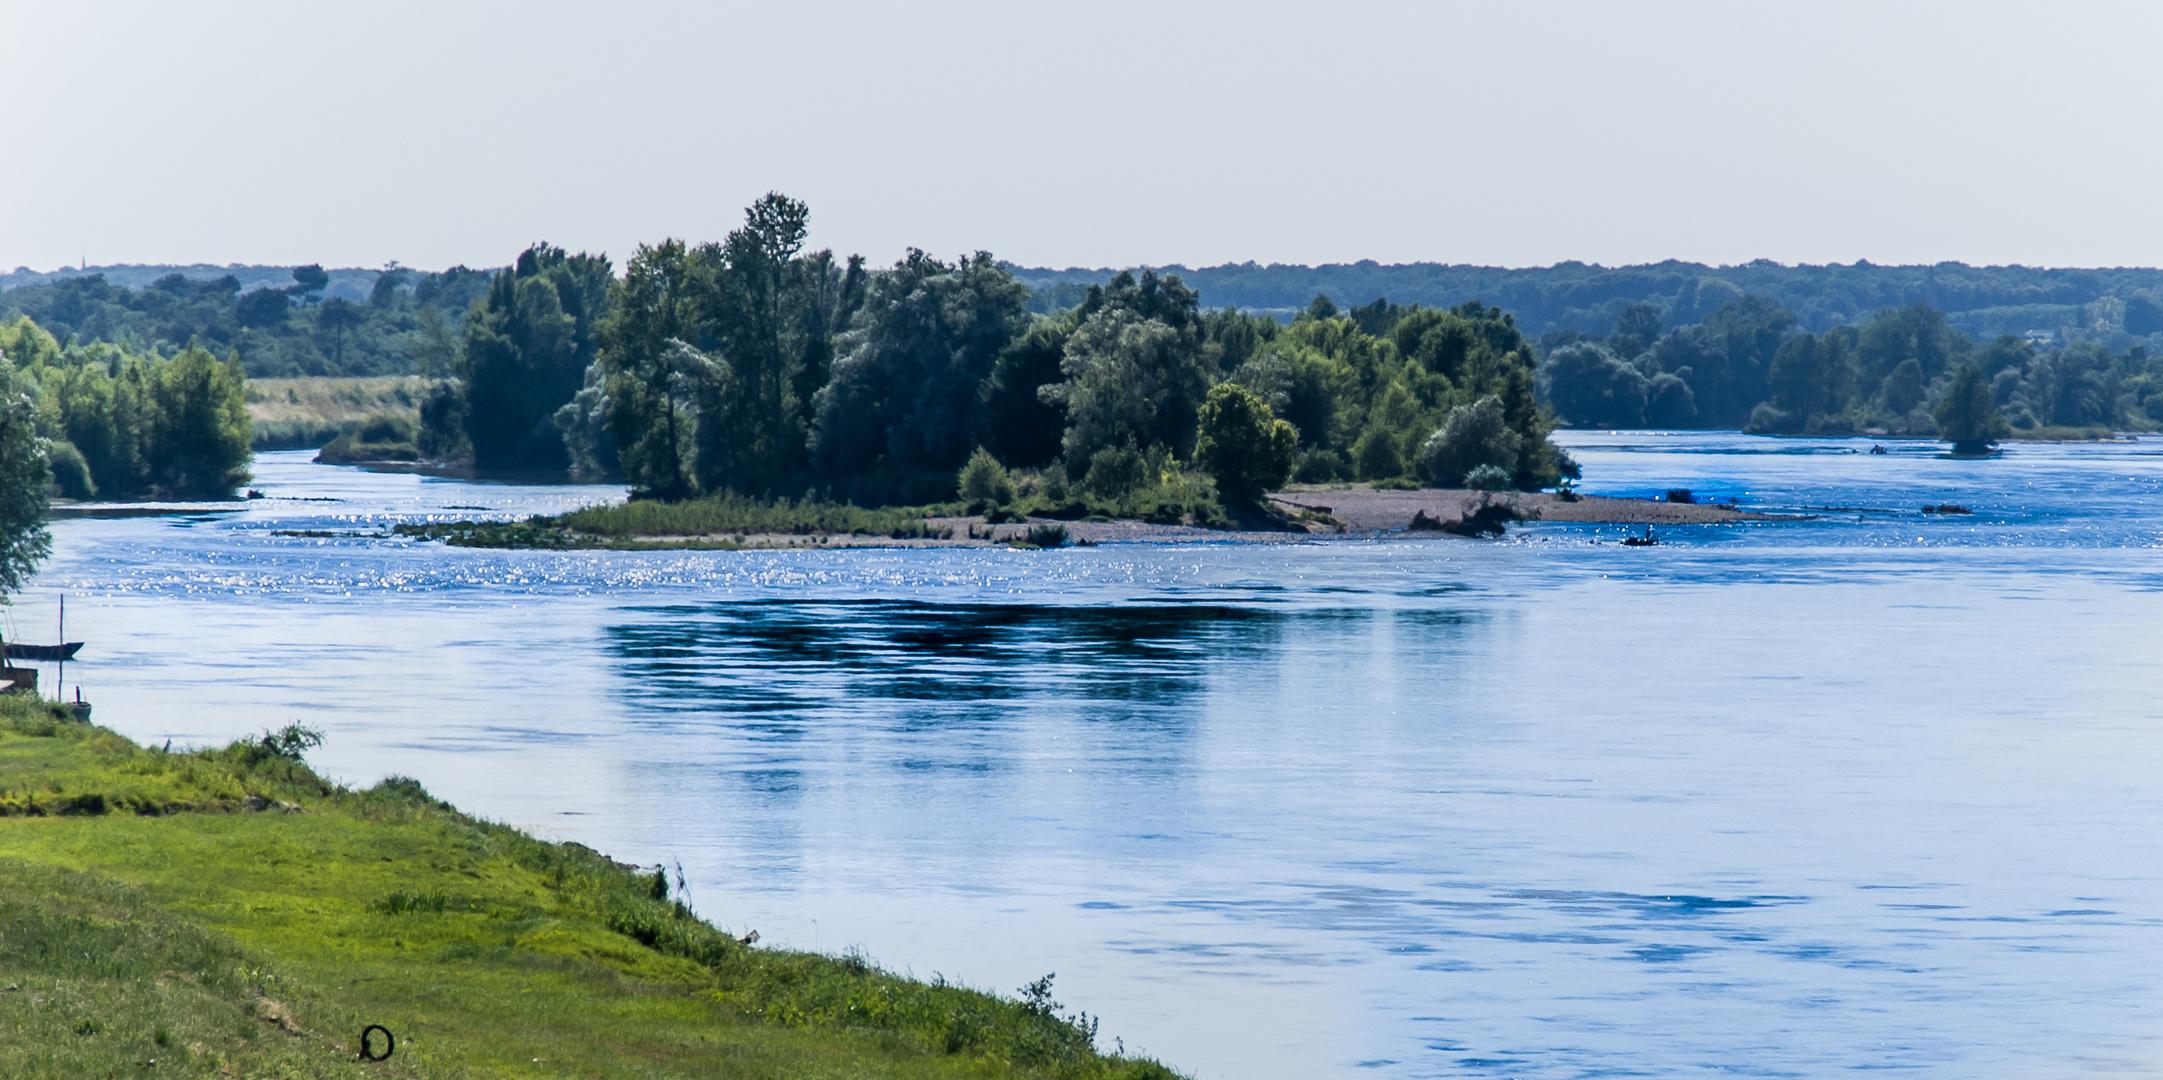 Loire-Insel - Muides sur Loire/Frankreich